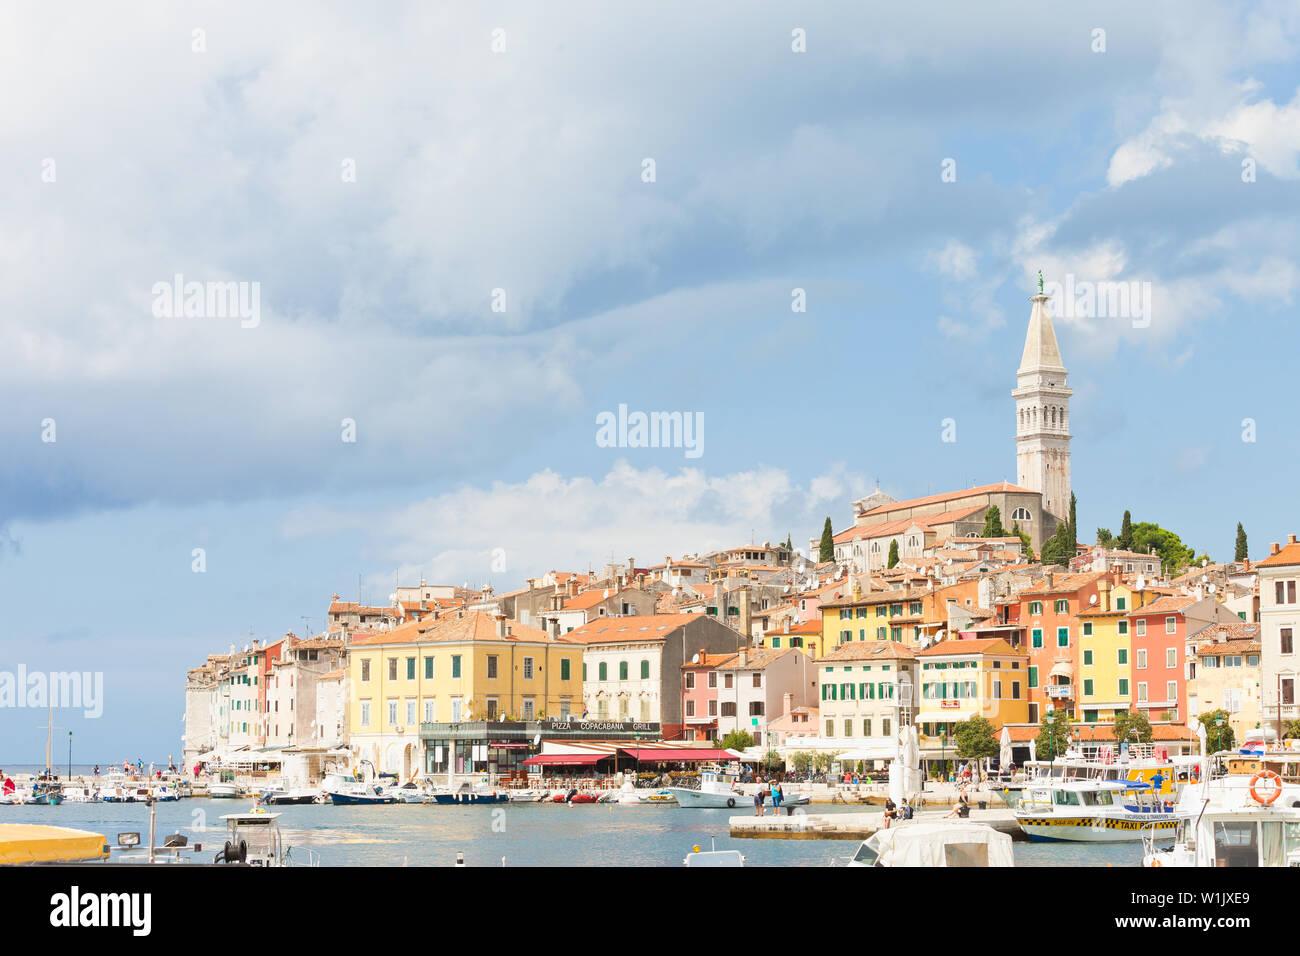 Rovinj, Kroatien, Europa - September 2, 2017 - Boote am Hafen von Rovinj Stockfoto